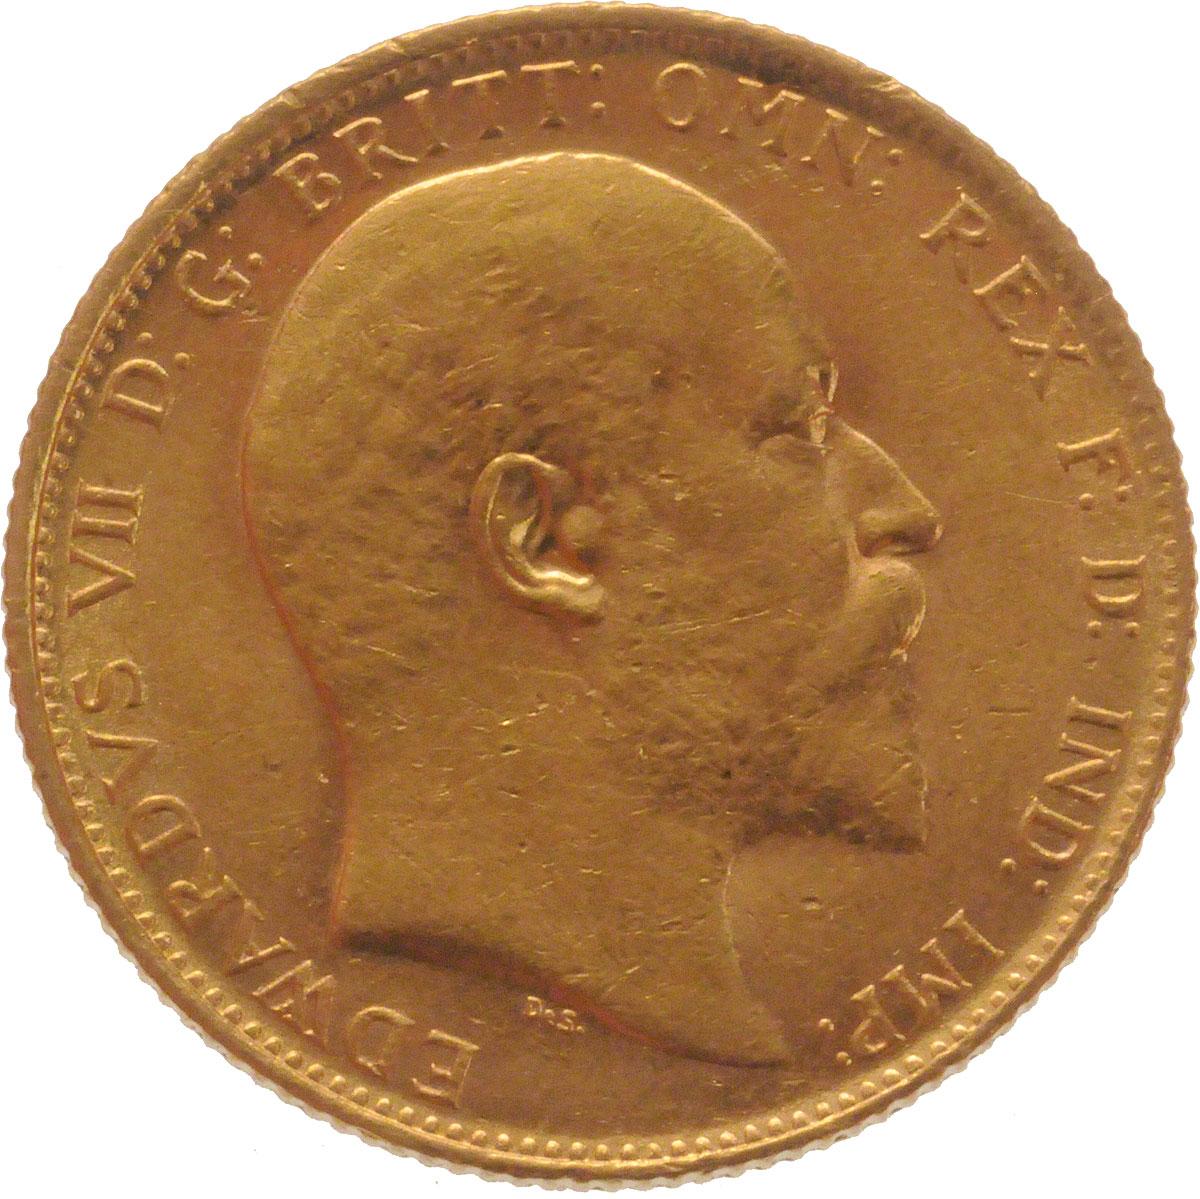 1908 Εδουάρδος Ζ' (Νομισματοκοπείο Σίδνεϊ)